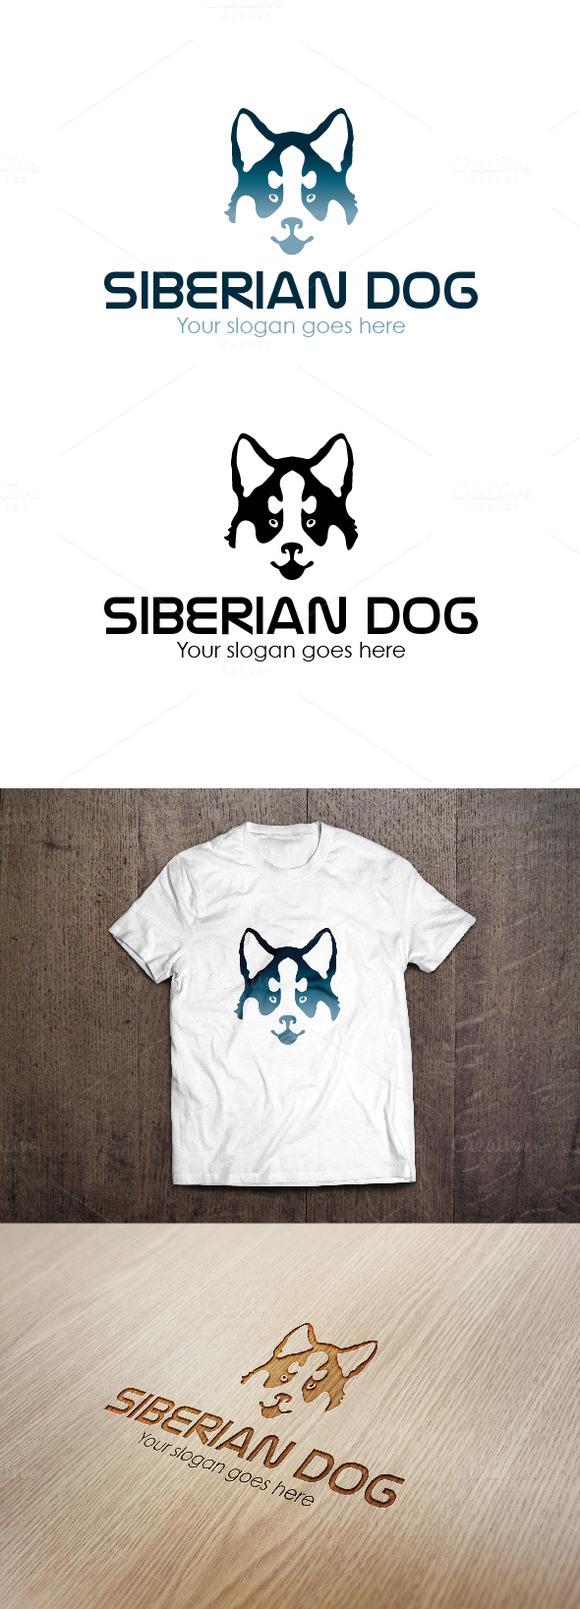 Depfile forum siberian mouse mashaquo 187 designtube creative design